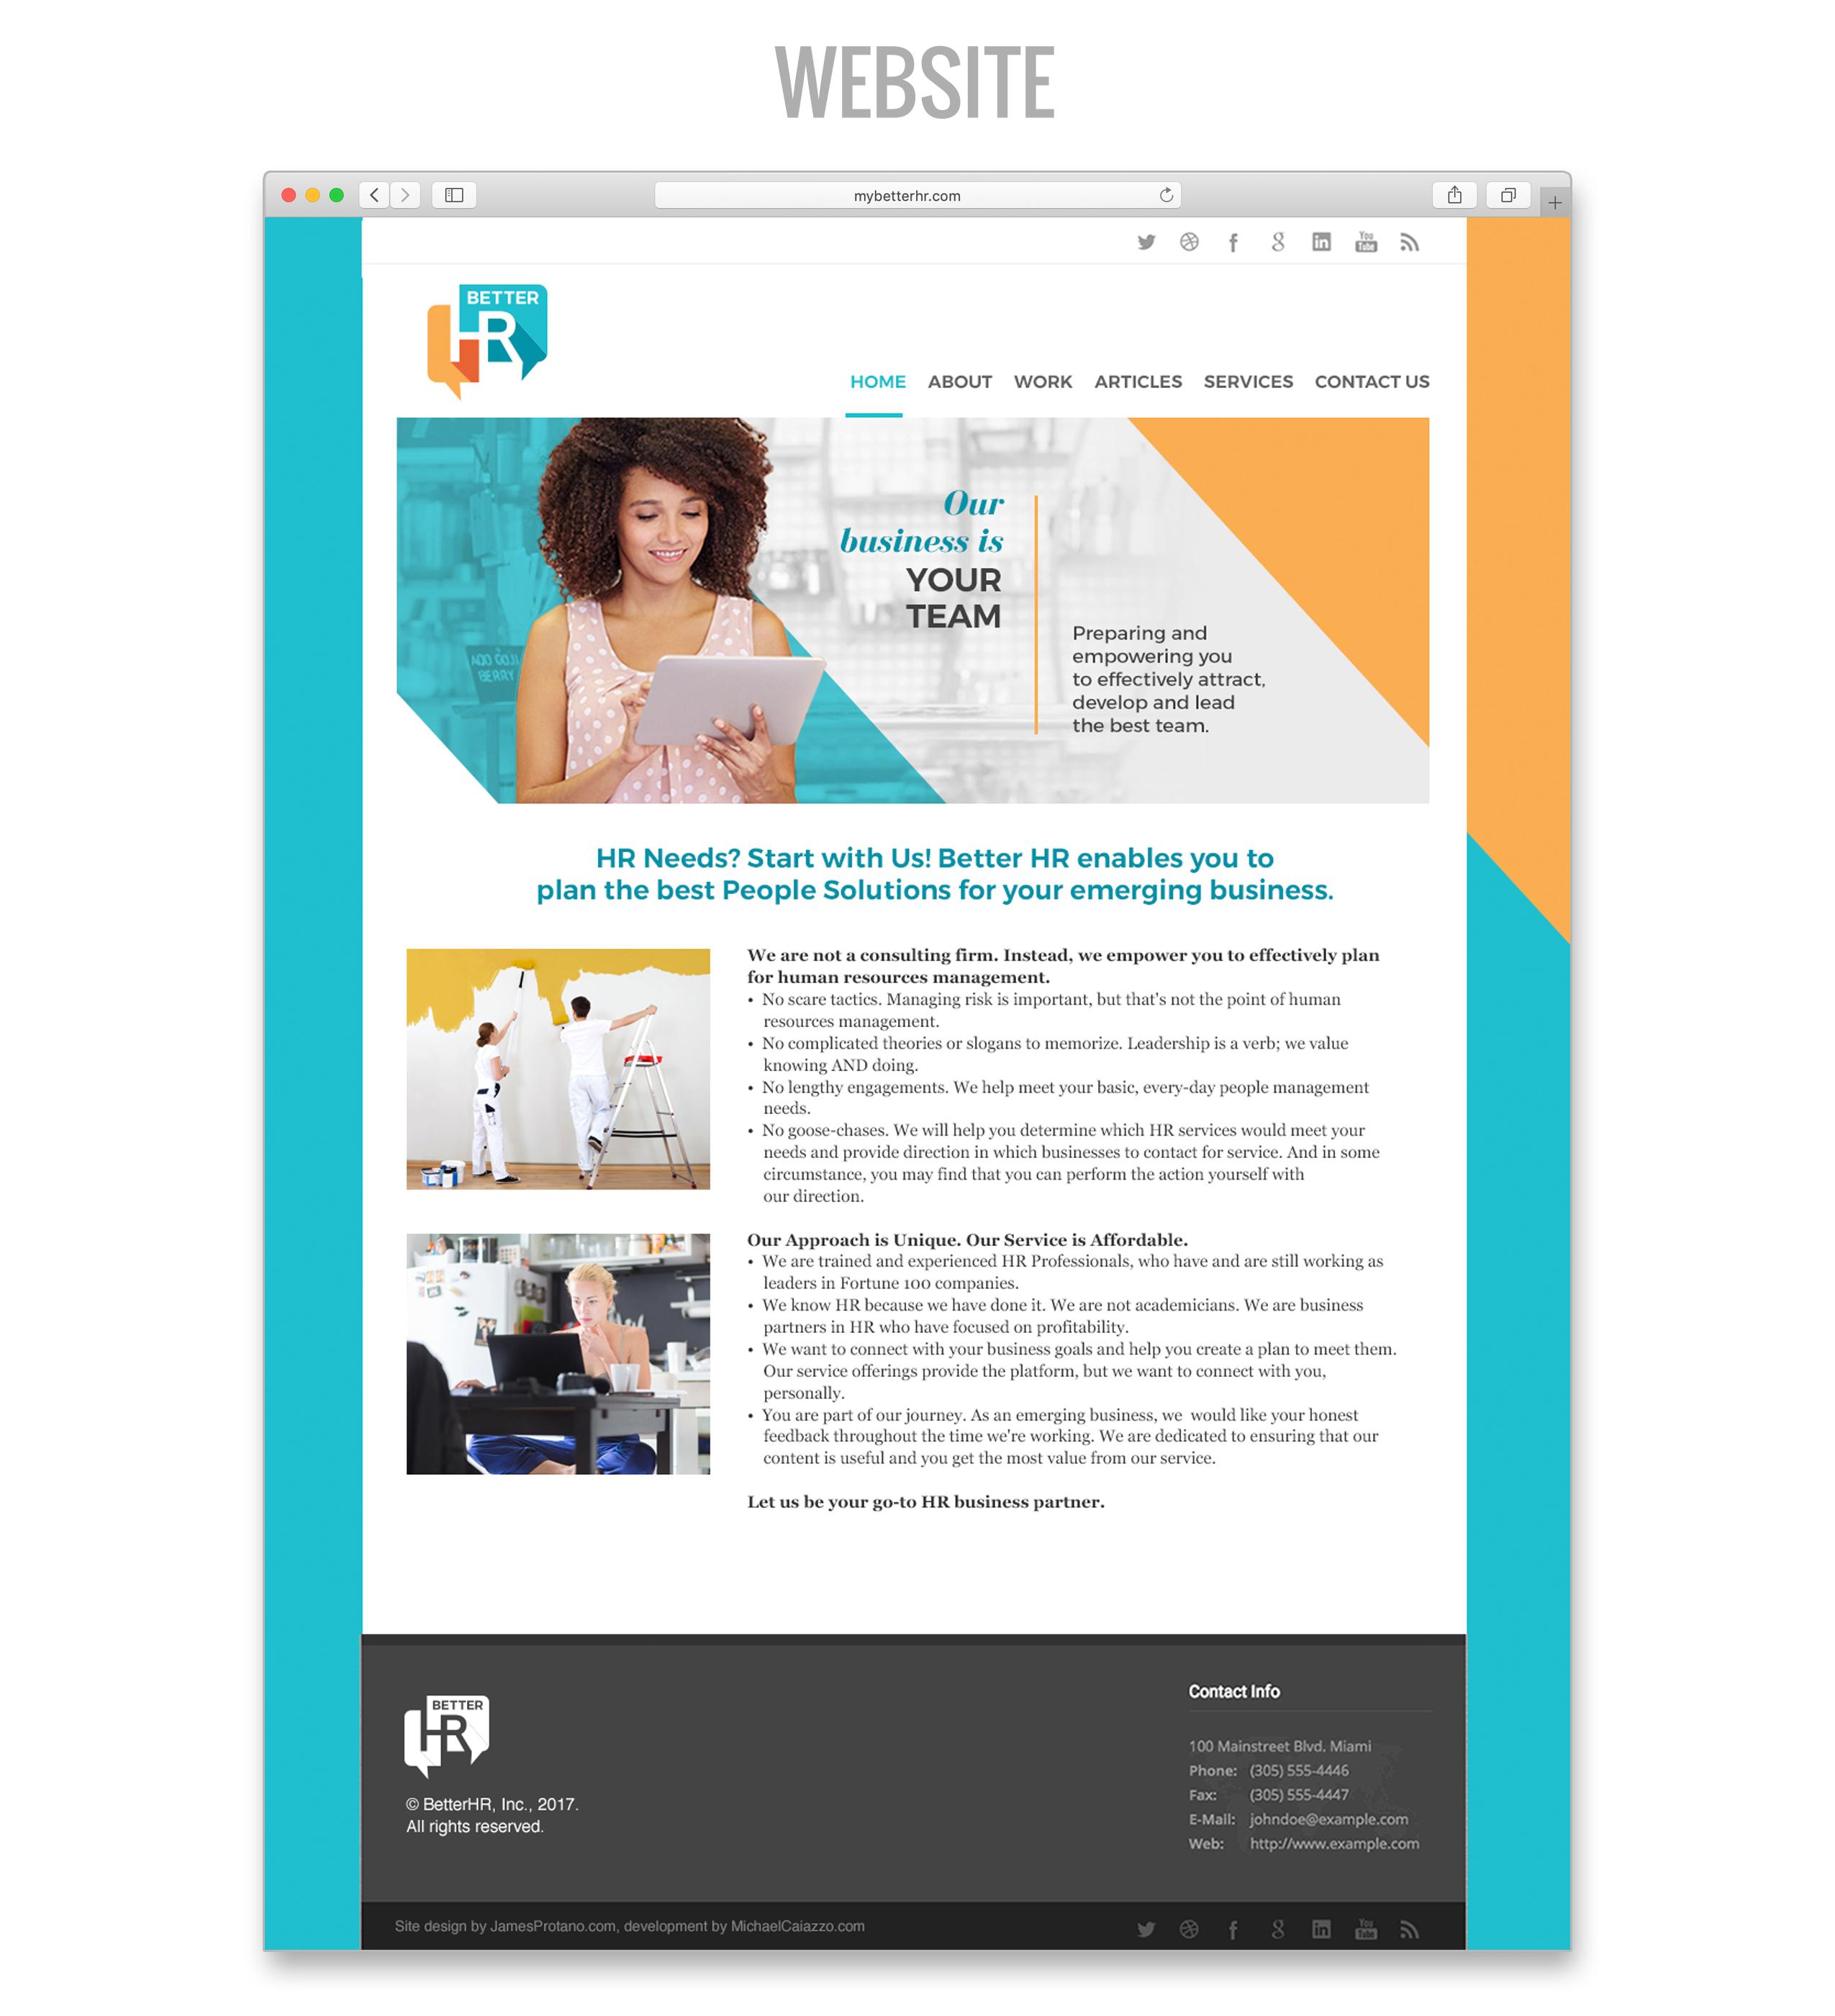 hr website design identity